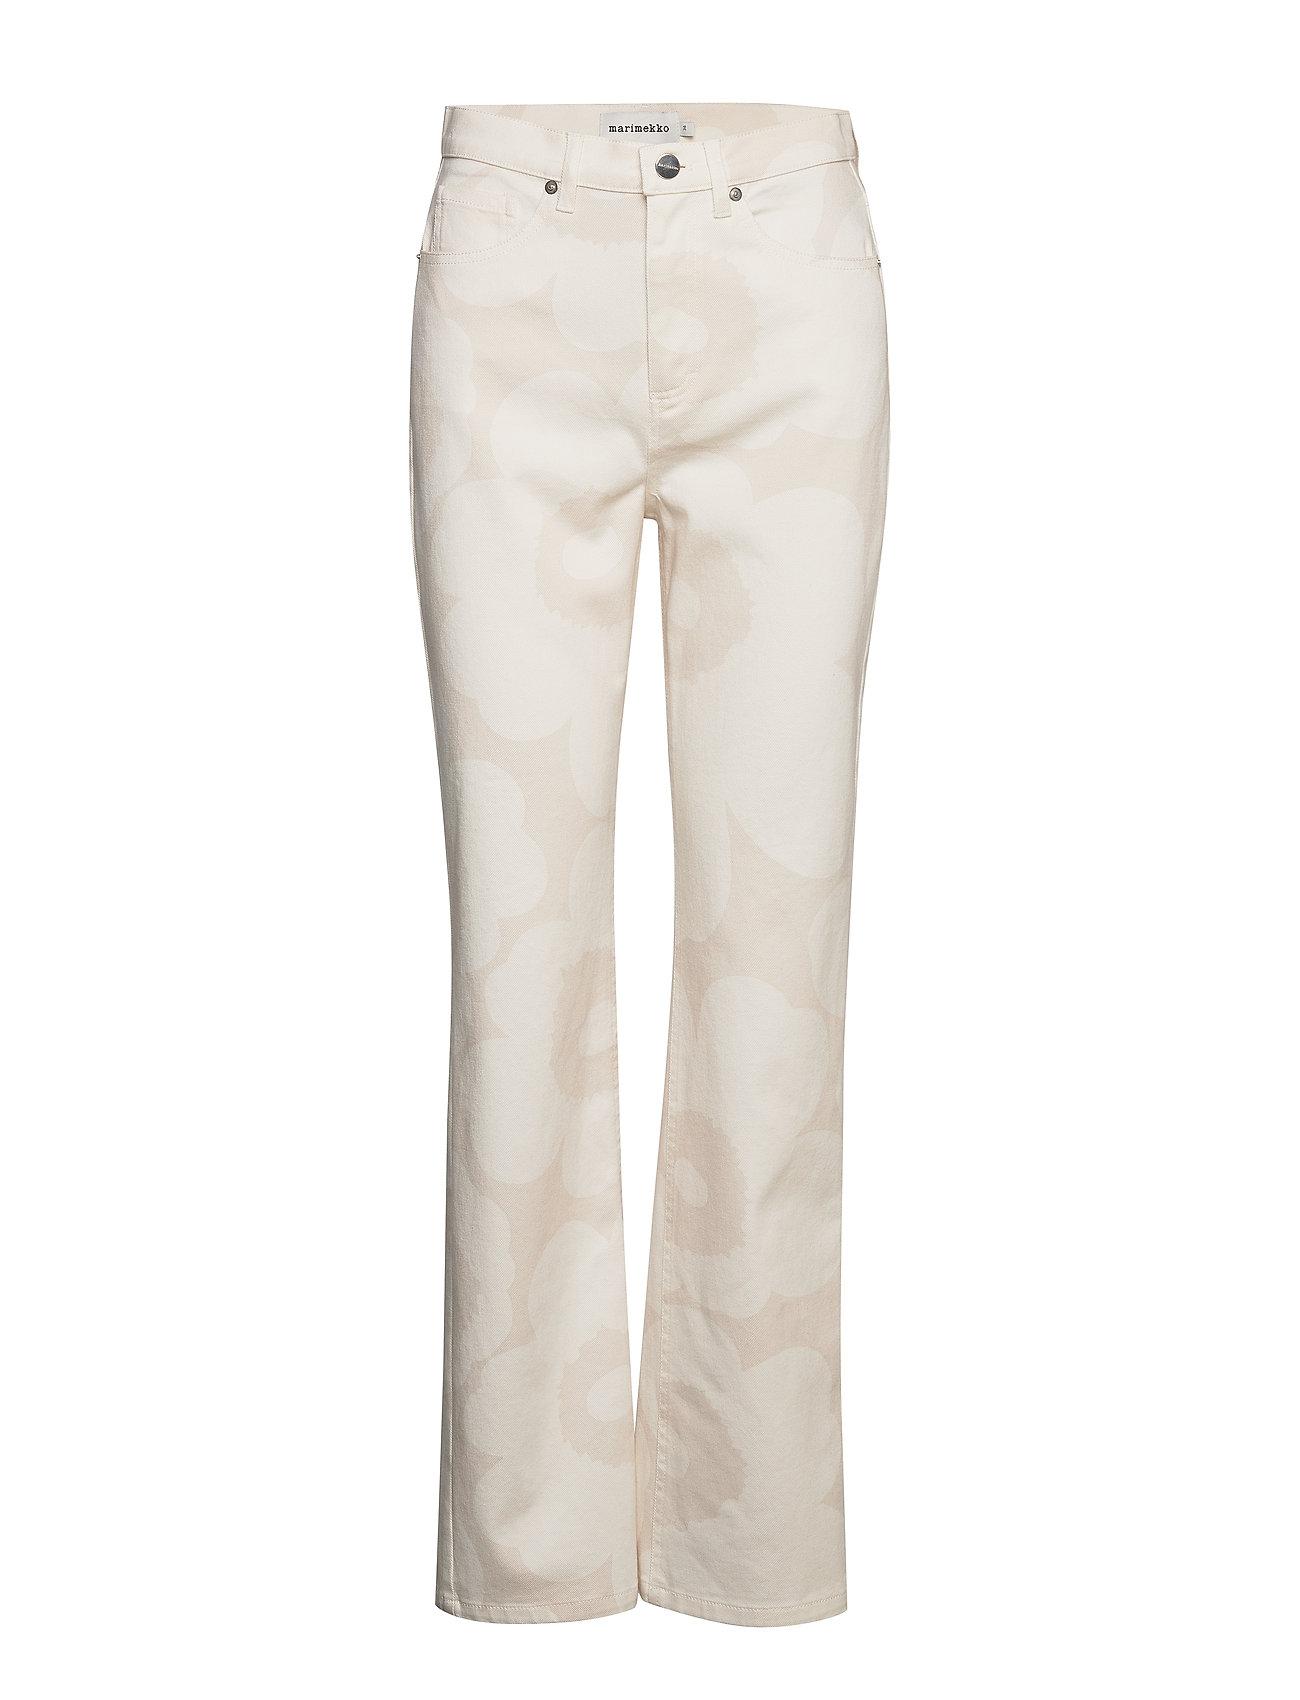 Marimekko HUMINA UNIKKO Trousers - BEIGE, OFF-WHITE